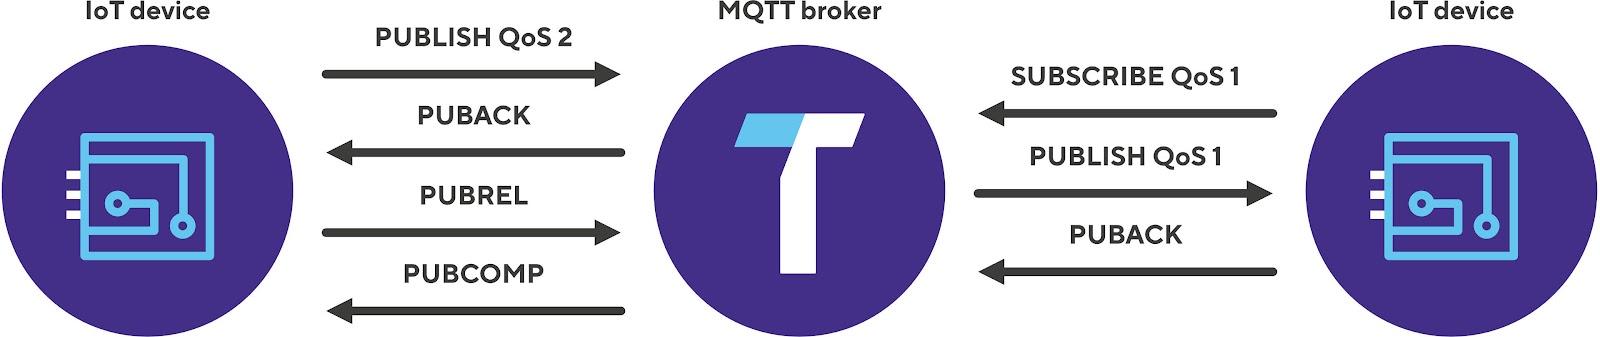 MQTT QoS downgrade